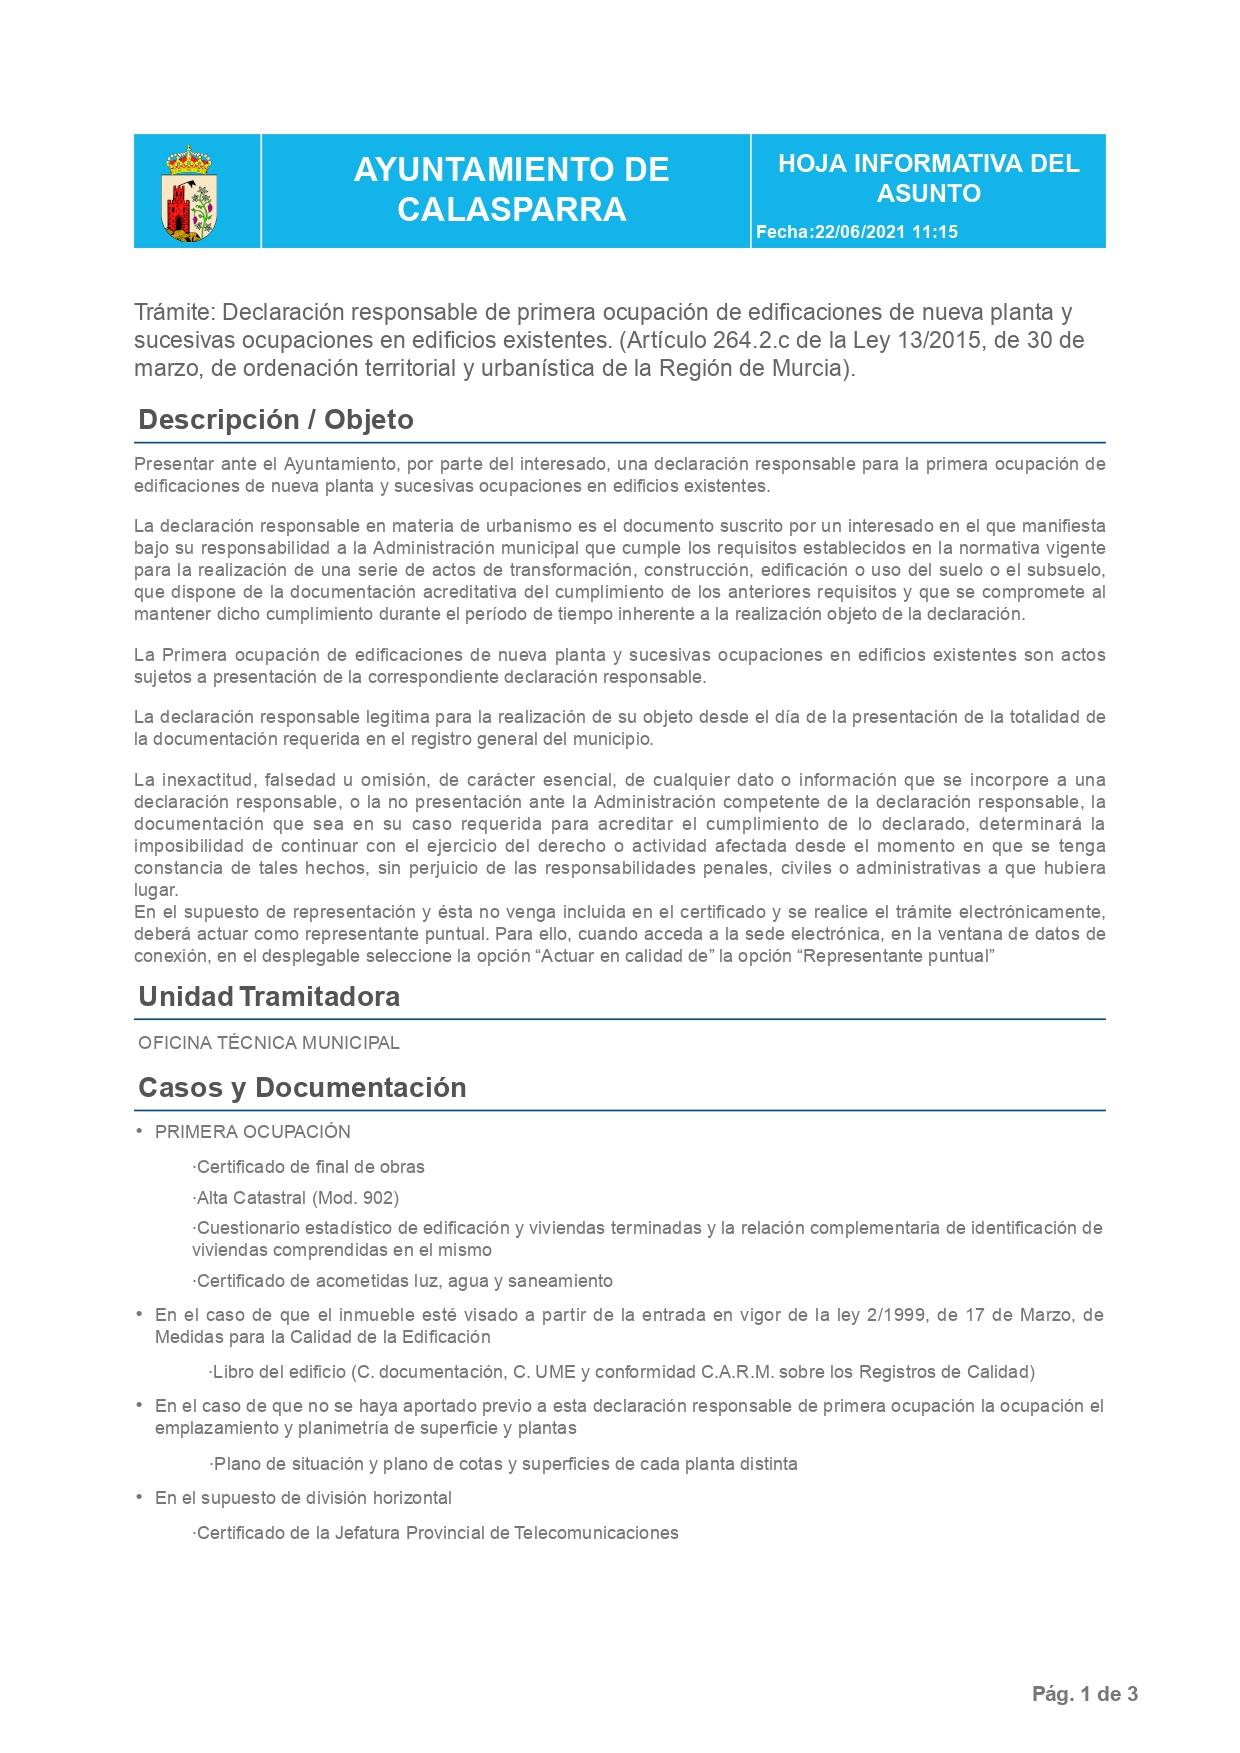 Declaración Responsable de Segunda Ocupación en Calasparra